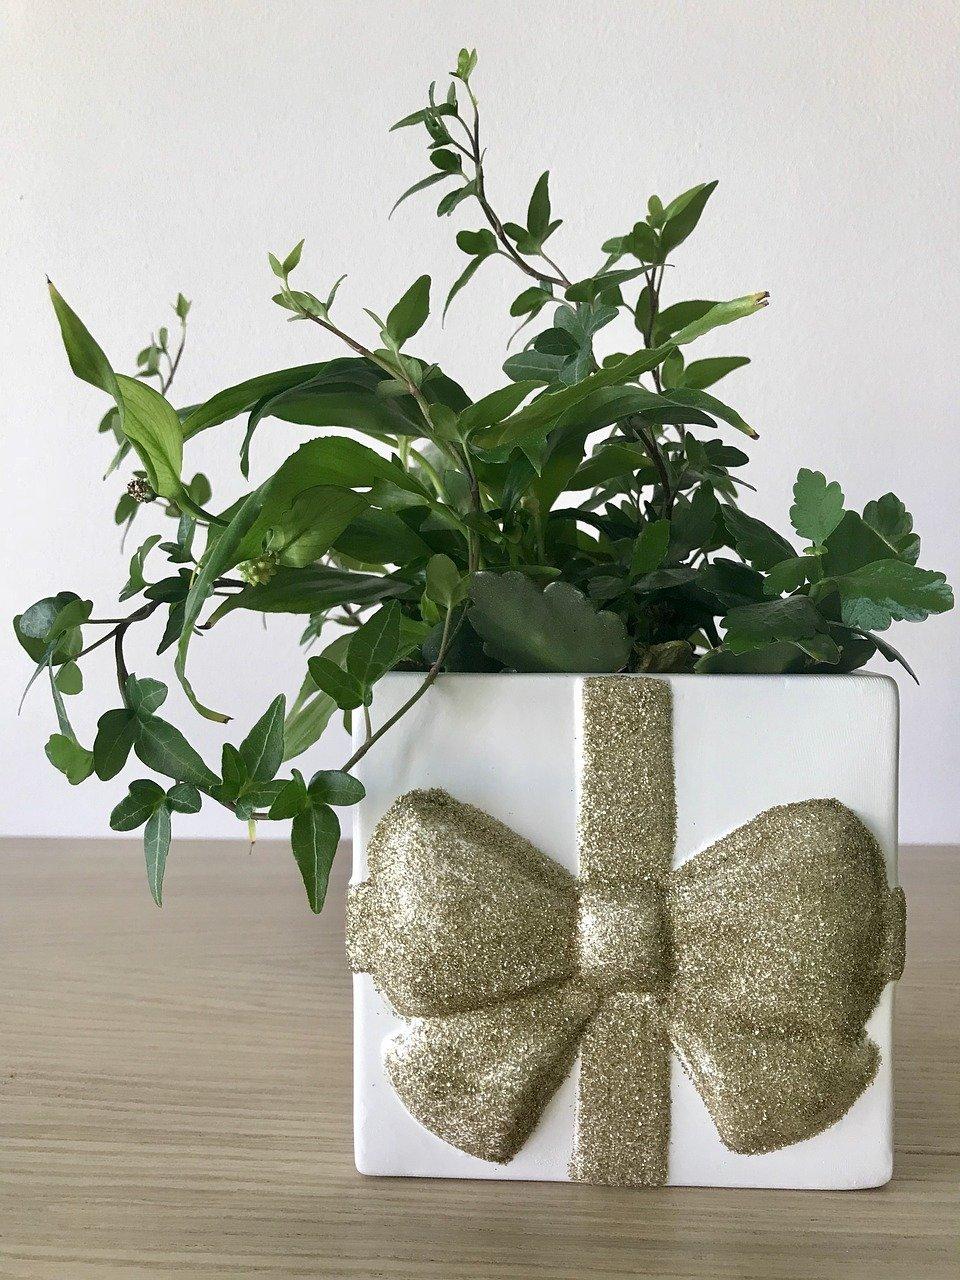 immagine di una pianta rigogliosa posta in un vaso a forma di pacco regalo